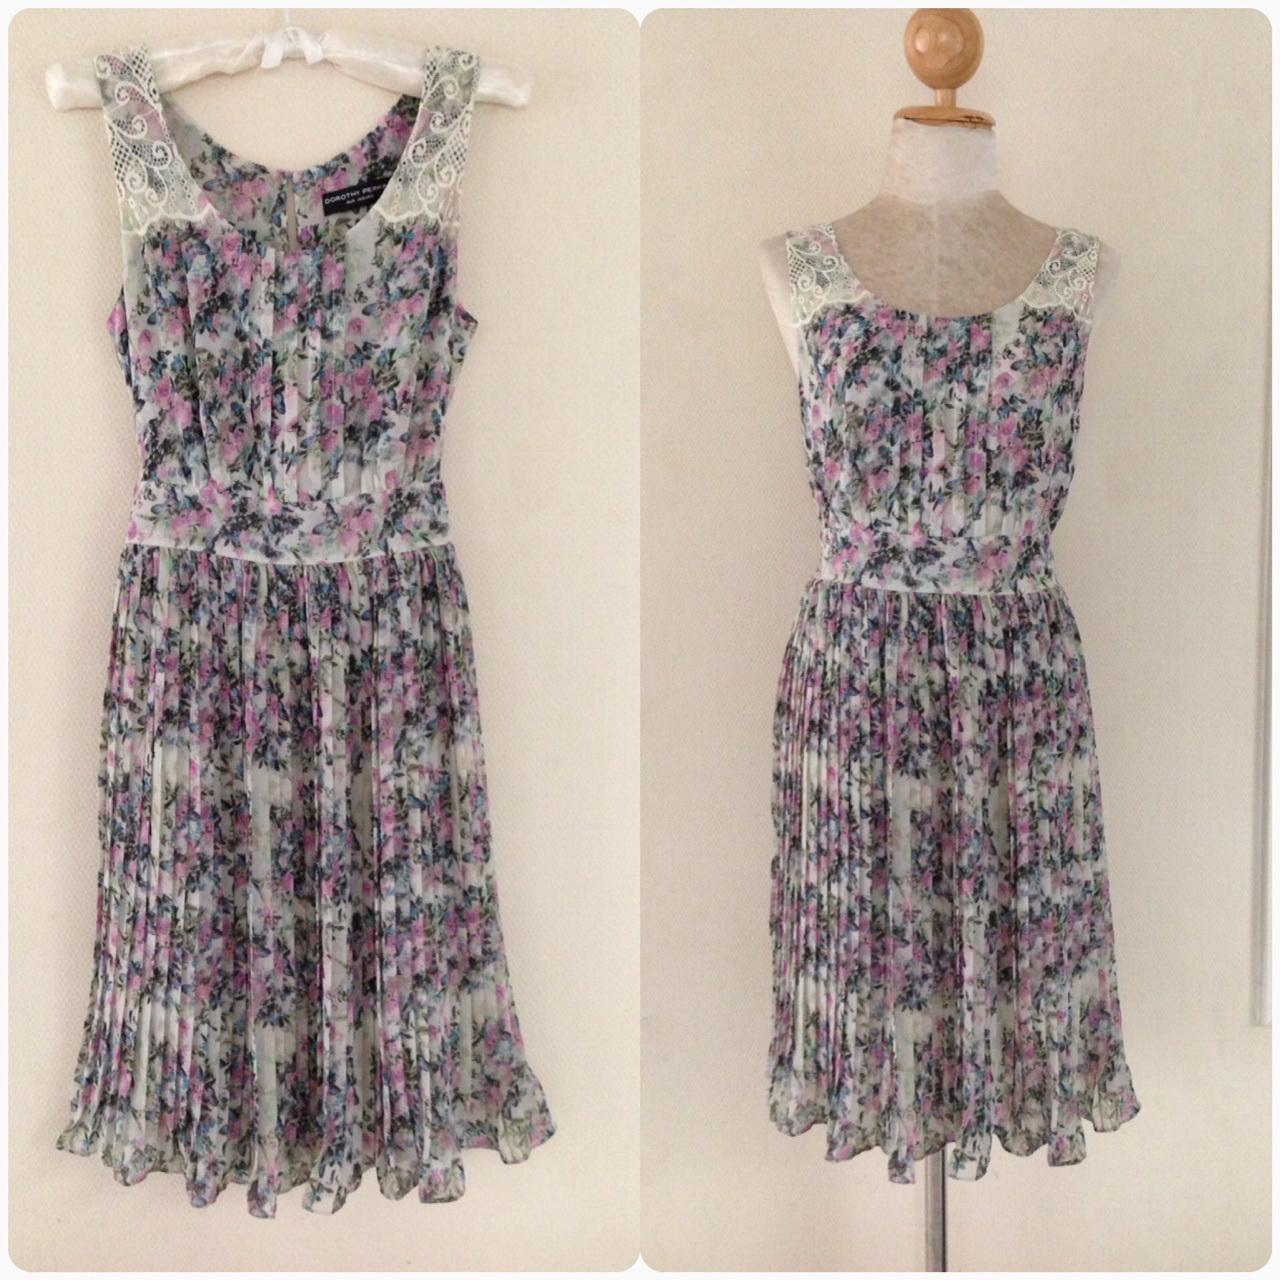 Dorothyperkins Floral Dress Size Uk8-uk10